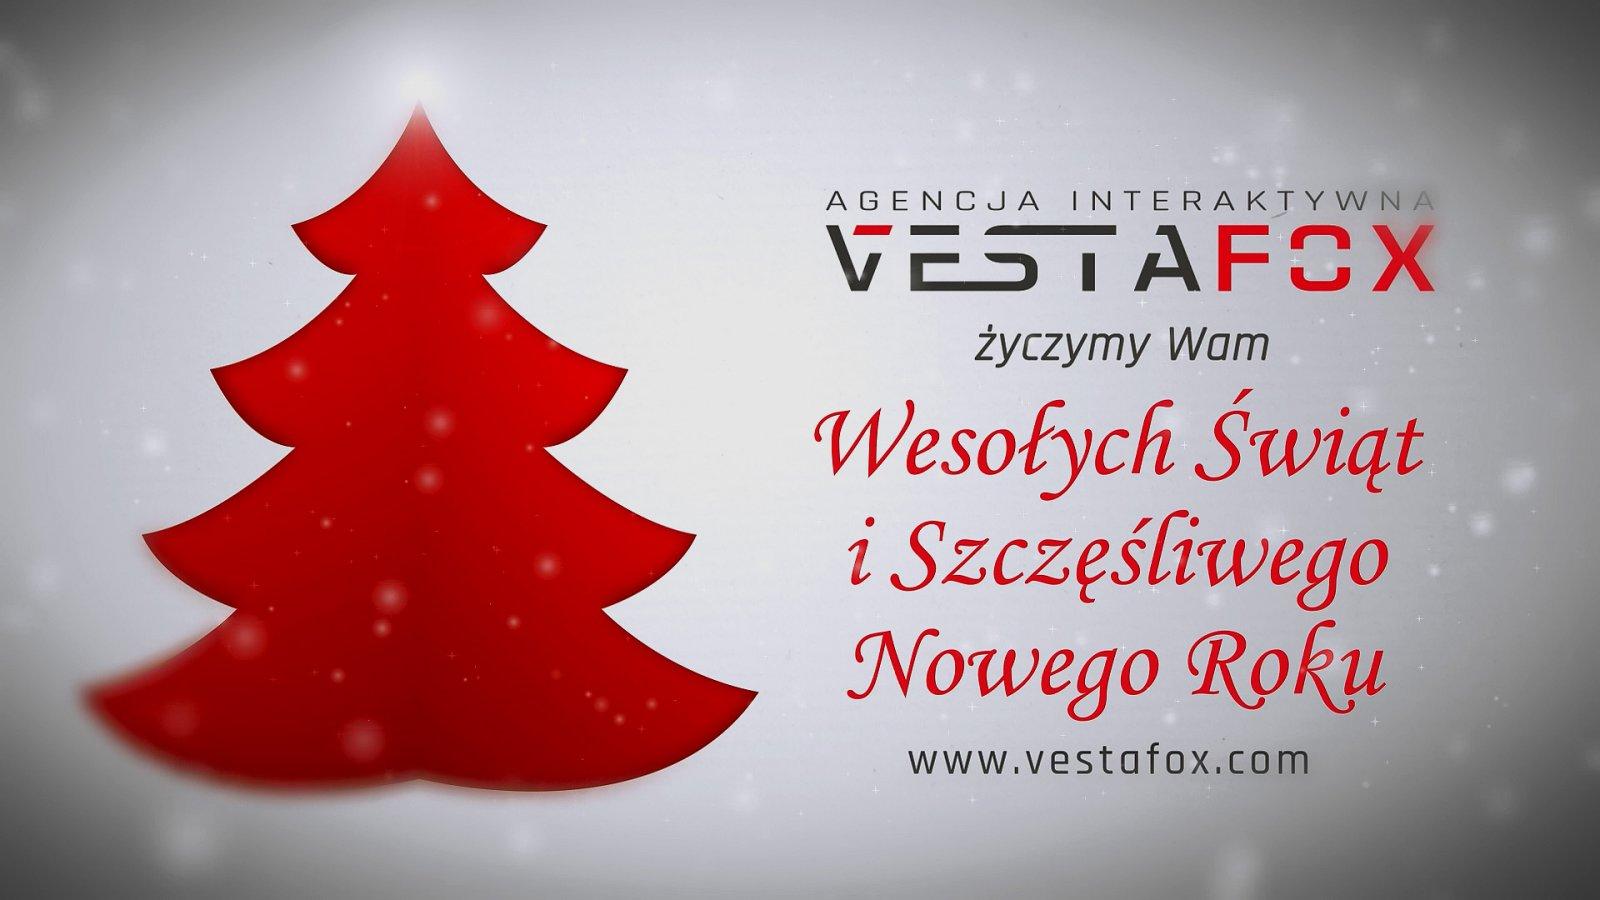 Vestafox - spot na Święta Bożego Narodzenia